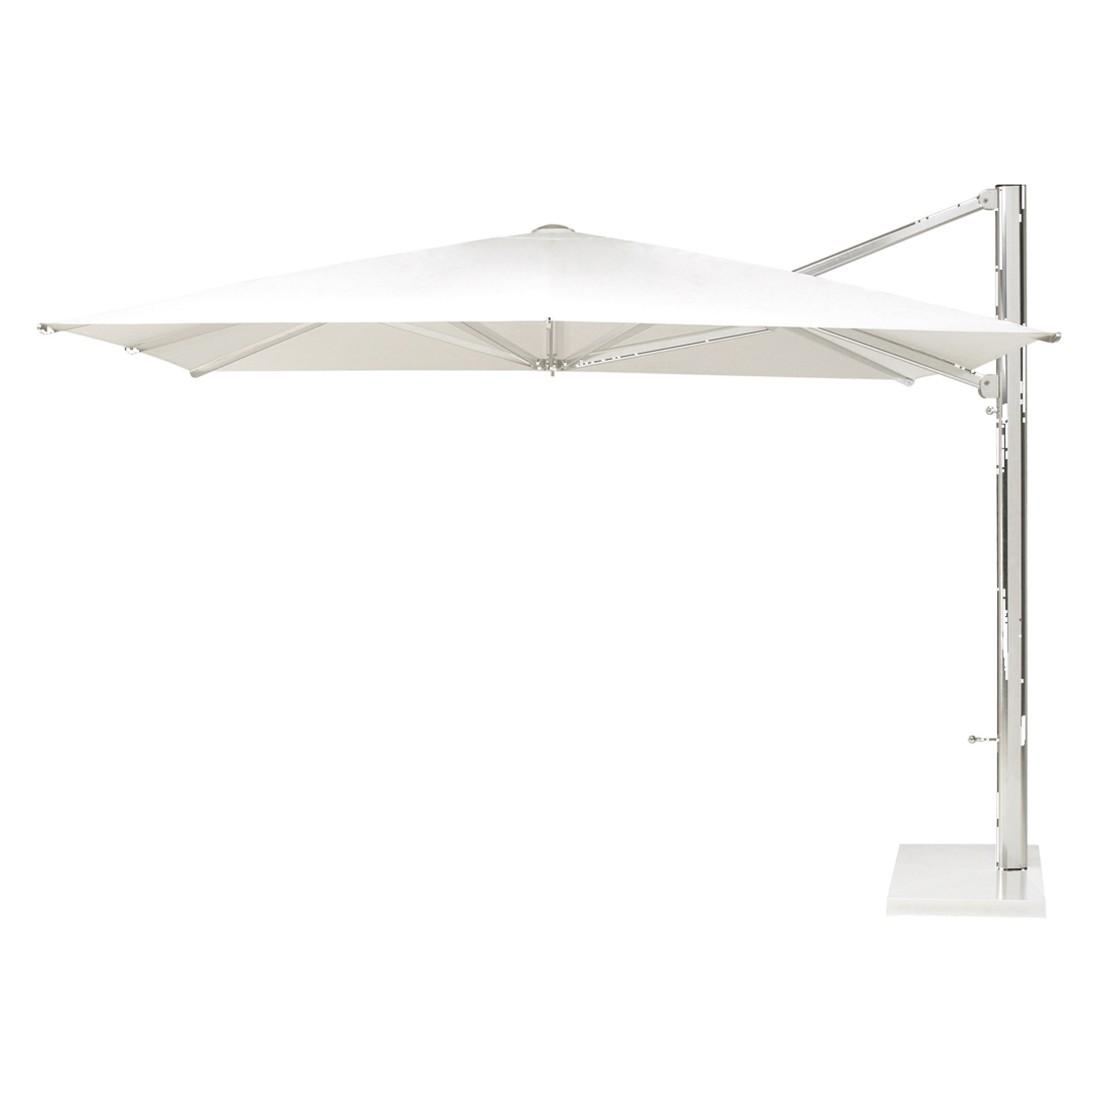 Schirmständer Shade Ampelschirm - Aluminium Weiß - 272x320x300, Emu